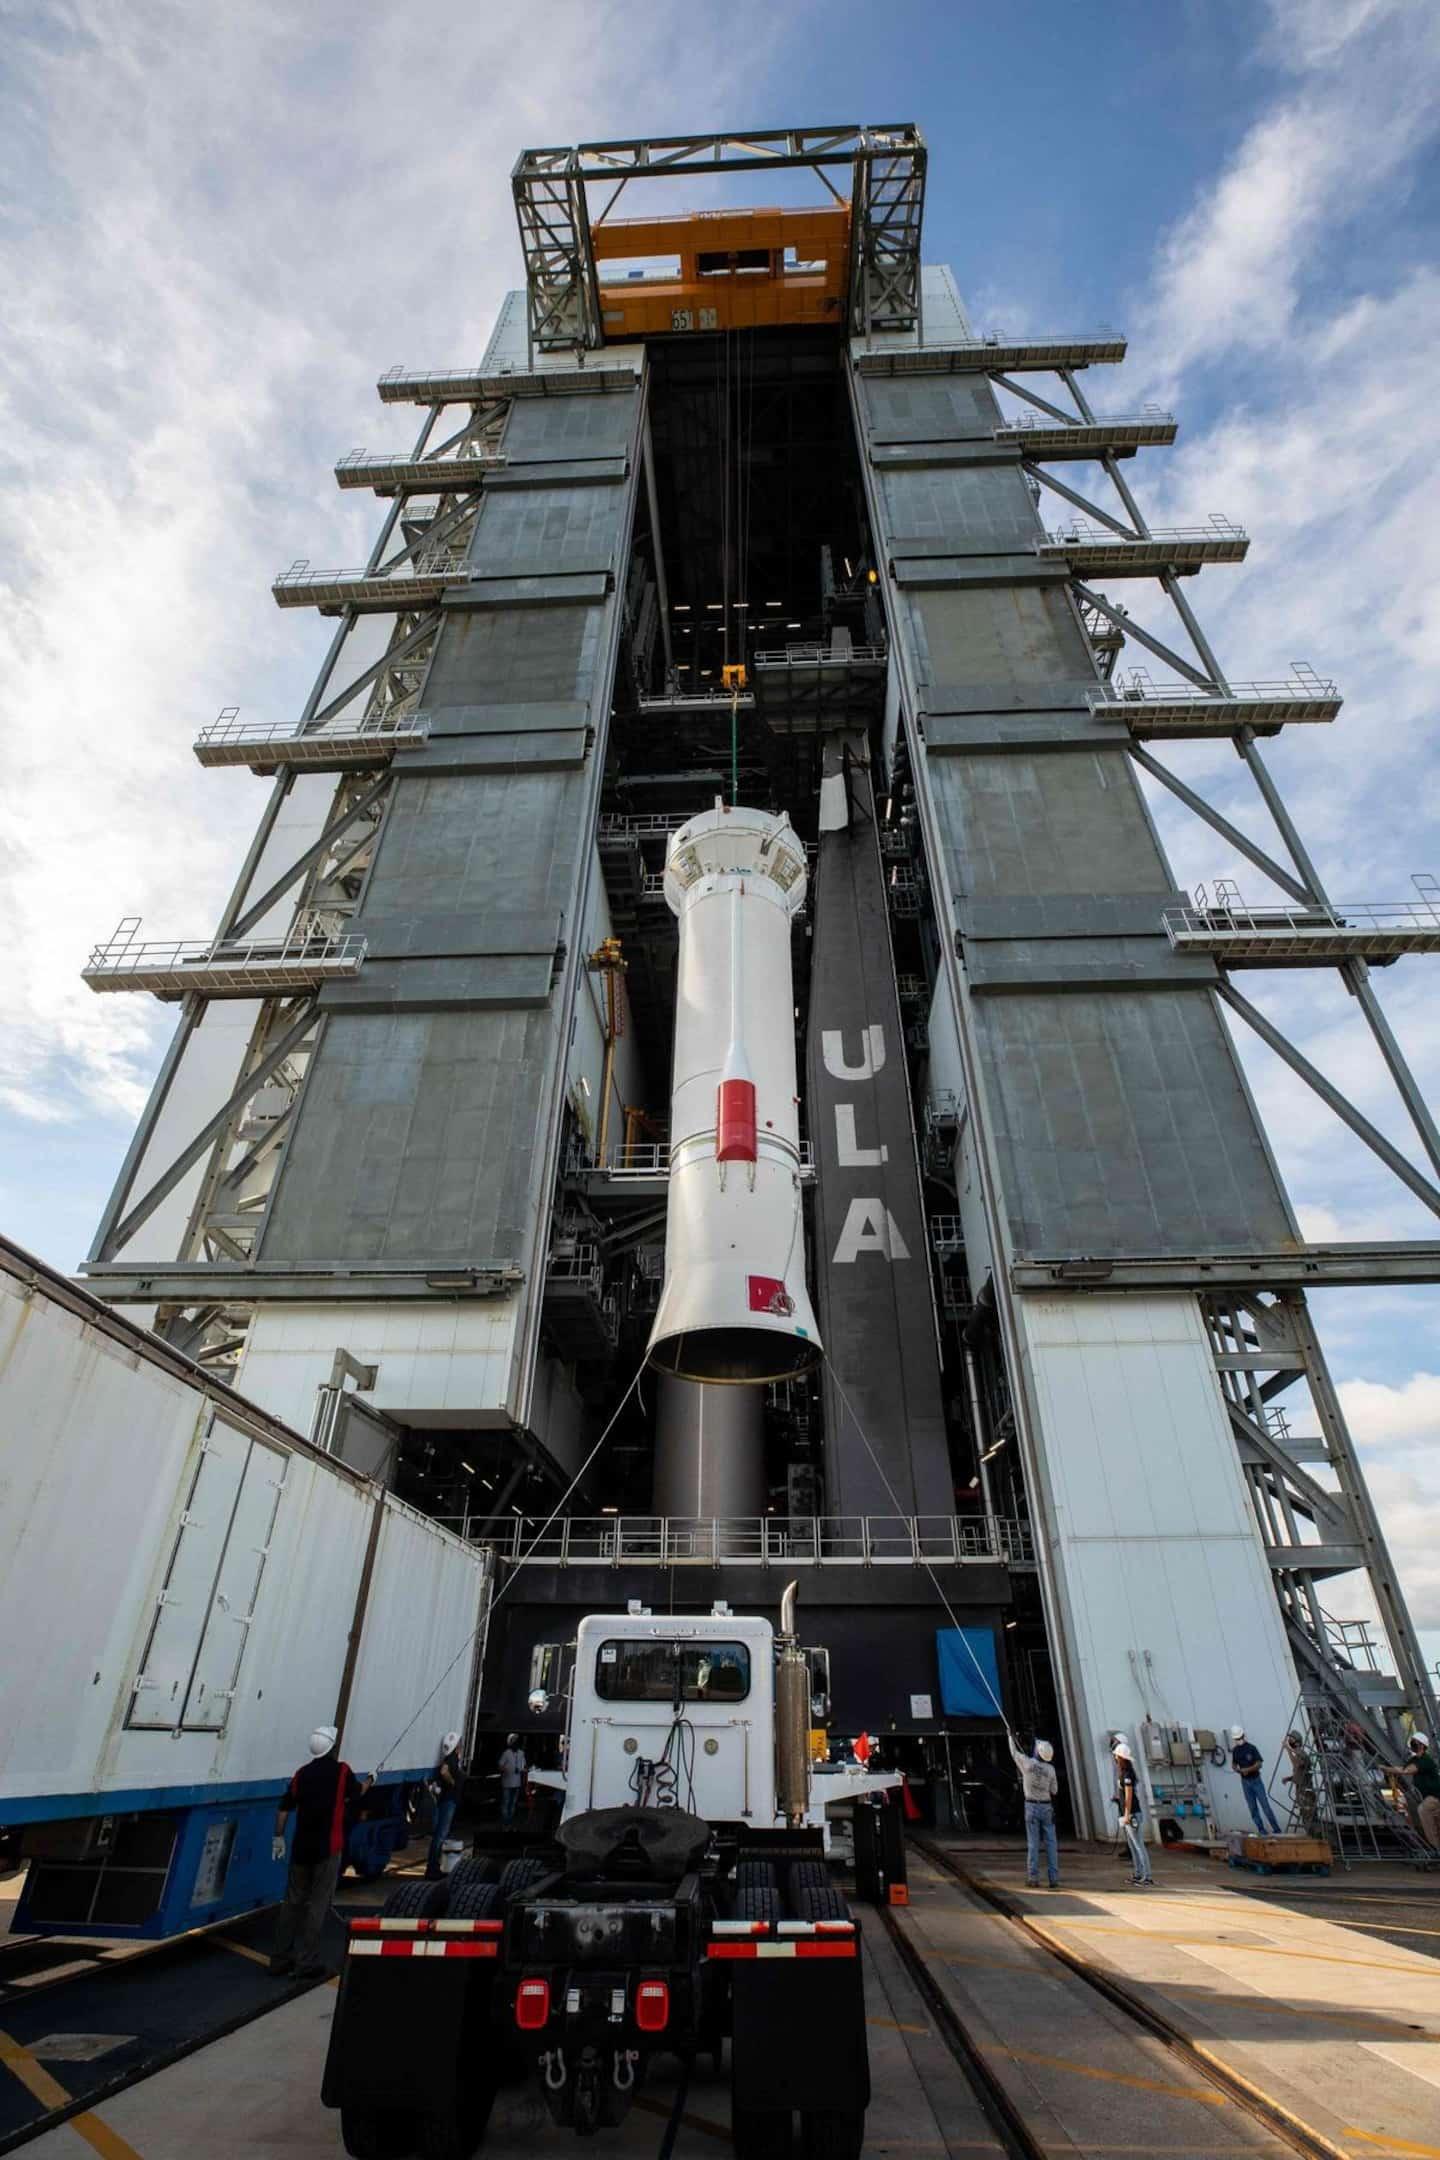 La NASA s'apprête à lancer Lucy, une mission de 12 ans vers les astéroïdes de Jupiter